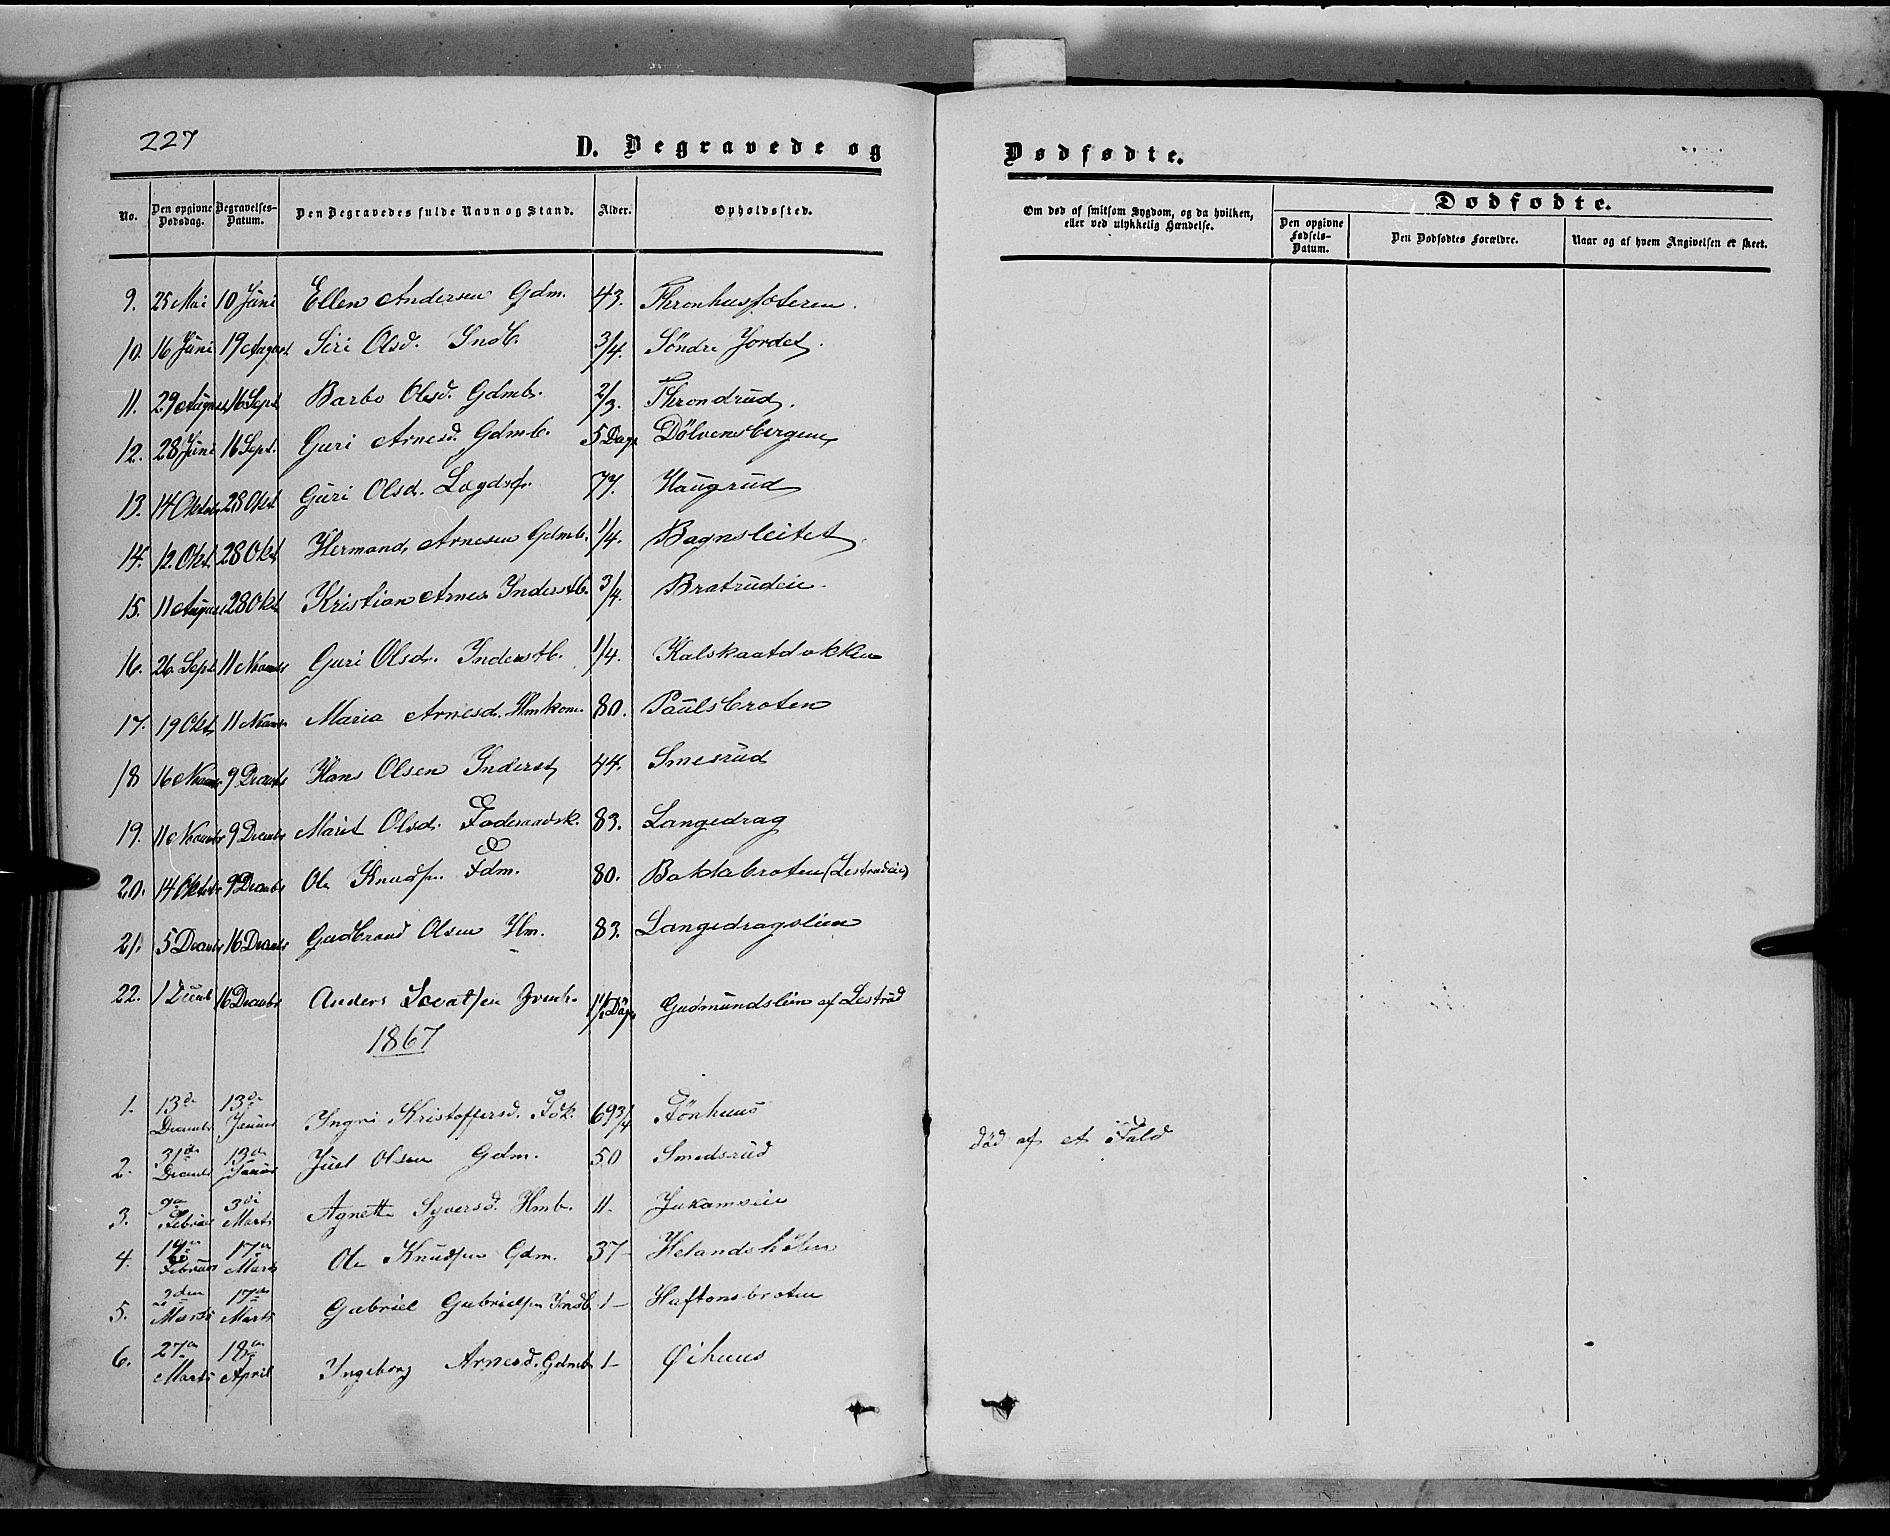 SAH, Sør-Aurdal prestekontor, Ministerialbok nr. 5, 1849-1876, s. 227